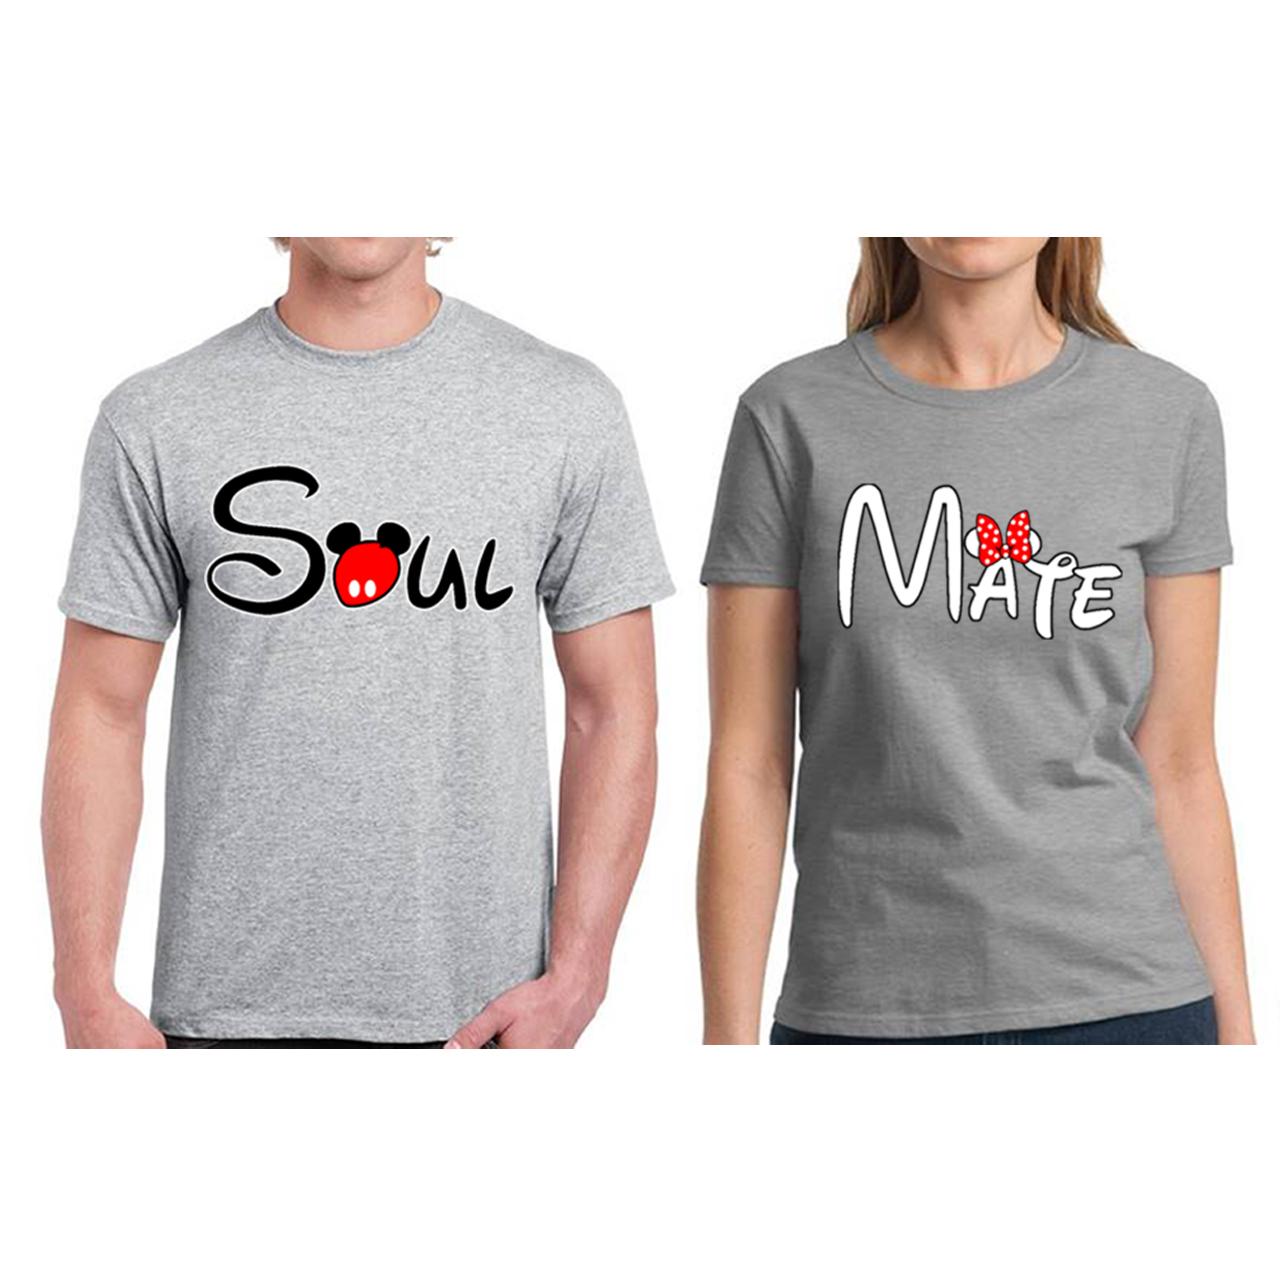 Matching relationship shirts